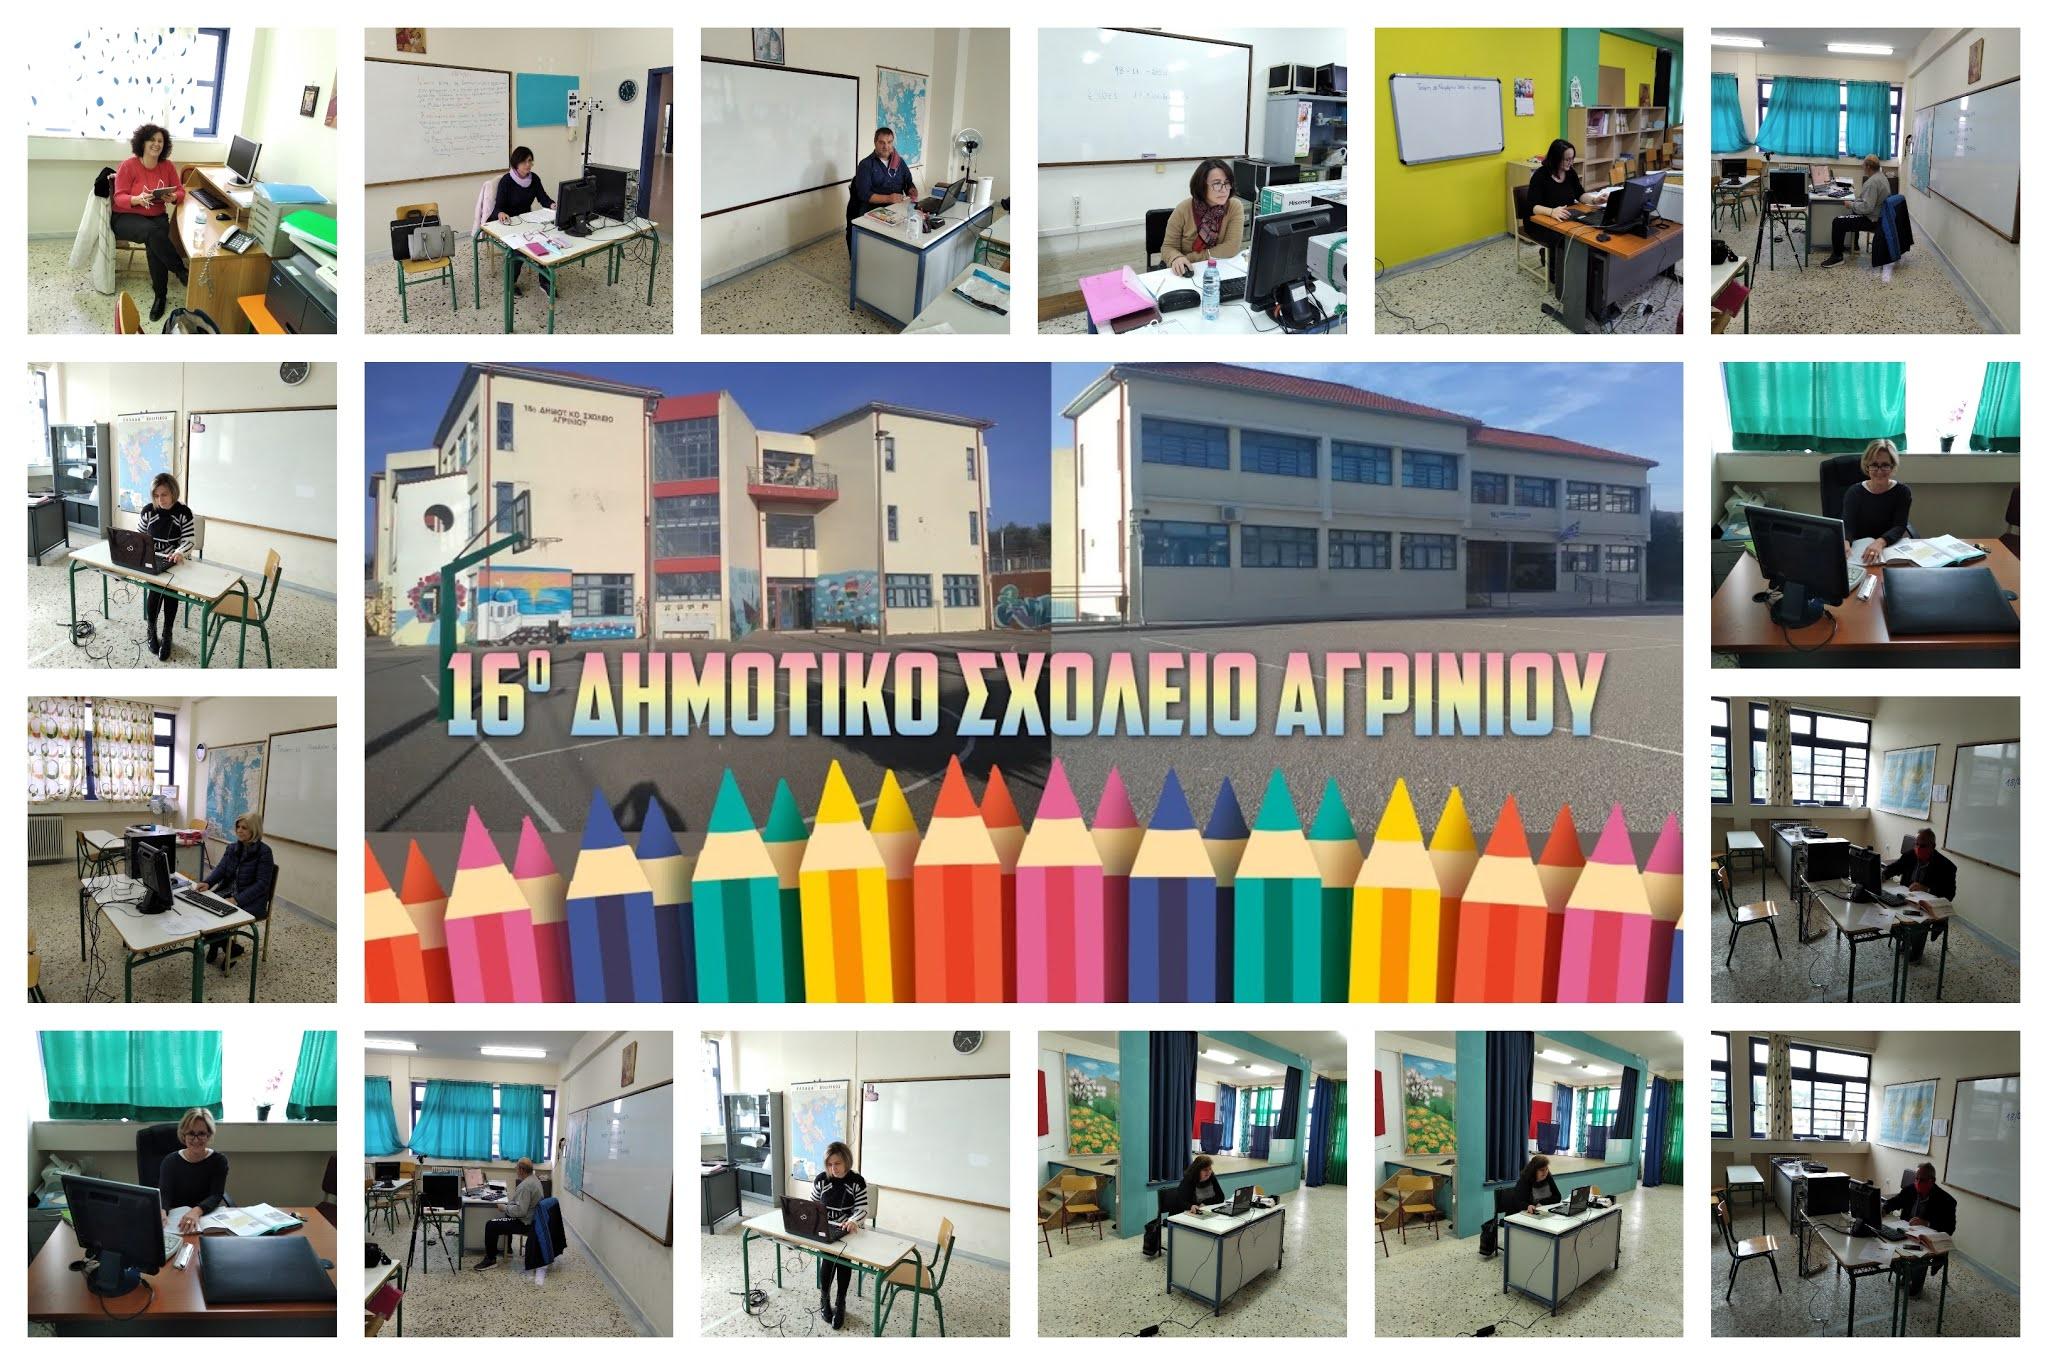 Η ανάρτηση δημοτικού του Αγρινίου: Το σχολείο μας και οι εκπαιδευτικοί στη θέση τους έτοιμοι. Το σύστημα;